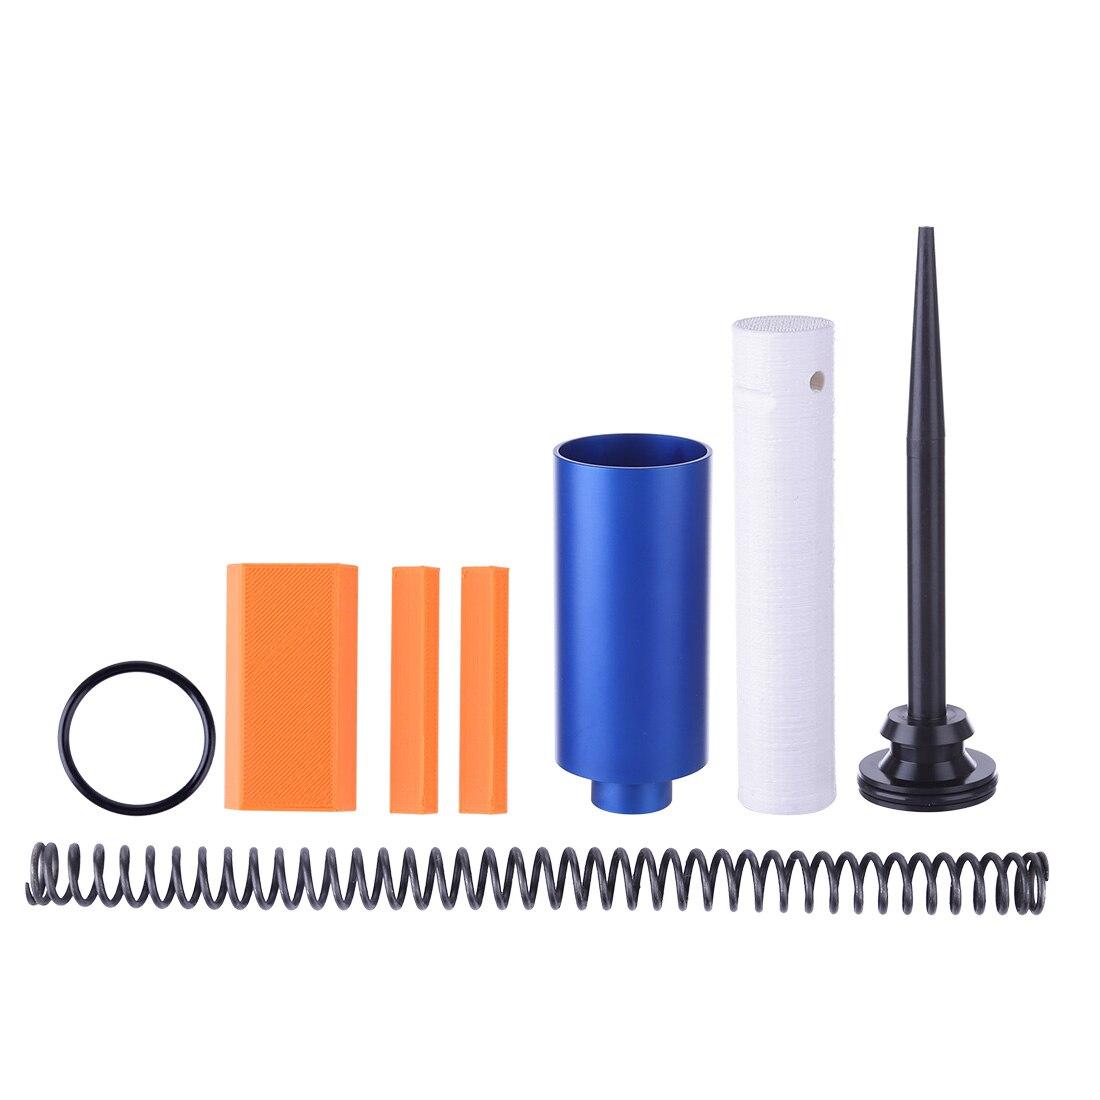 Grand cylindre en métal + 16KG ressort + Kit de tige de poussée de cylindre pour accessoires de Kit modifié extérieur de jouet de rétorsion de Nerf